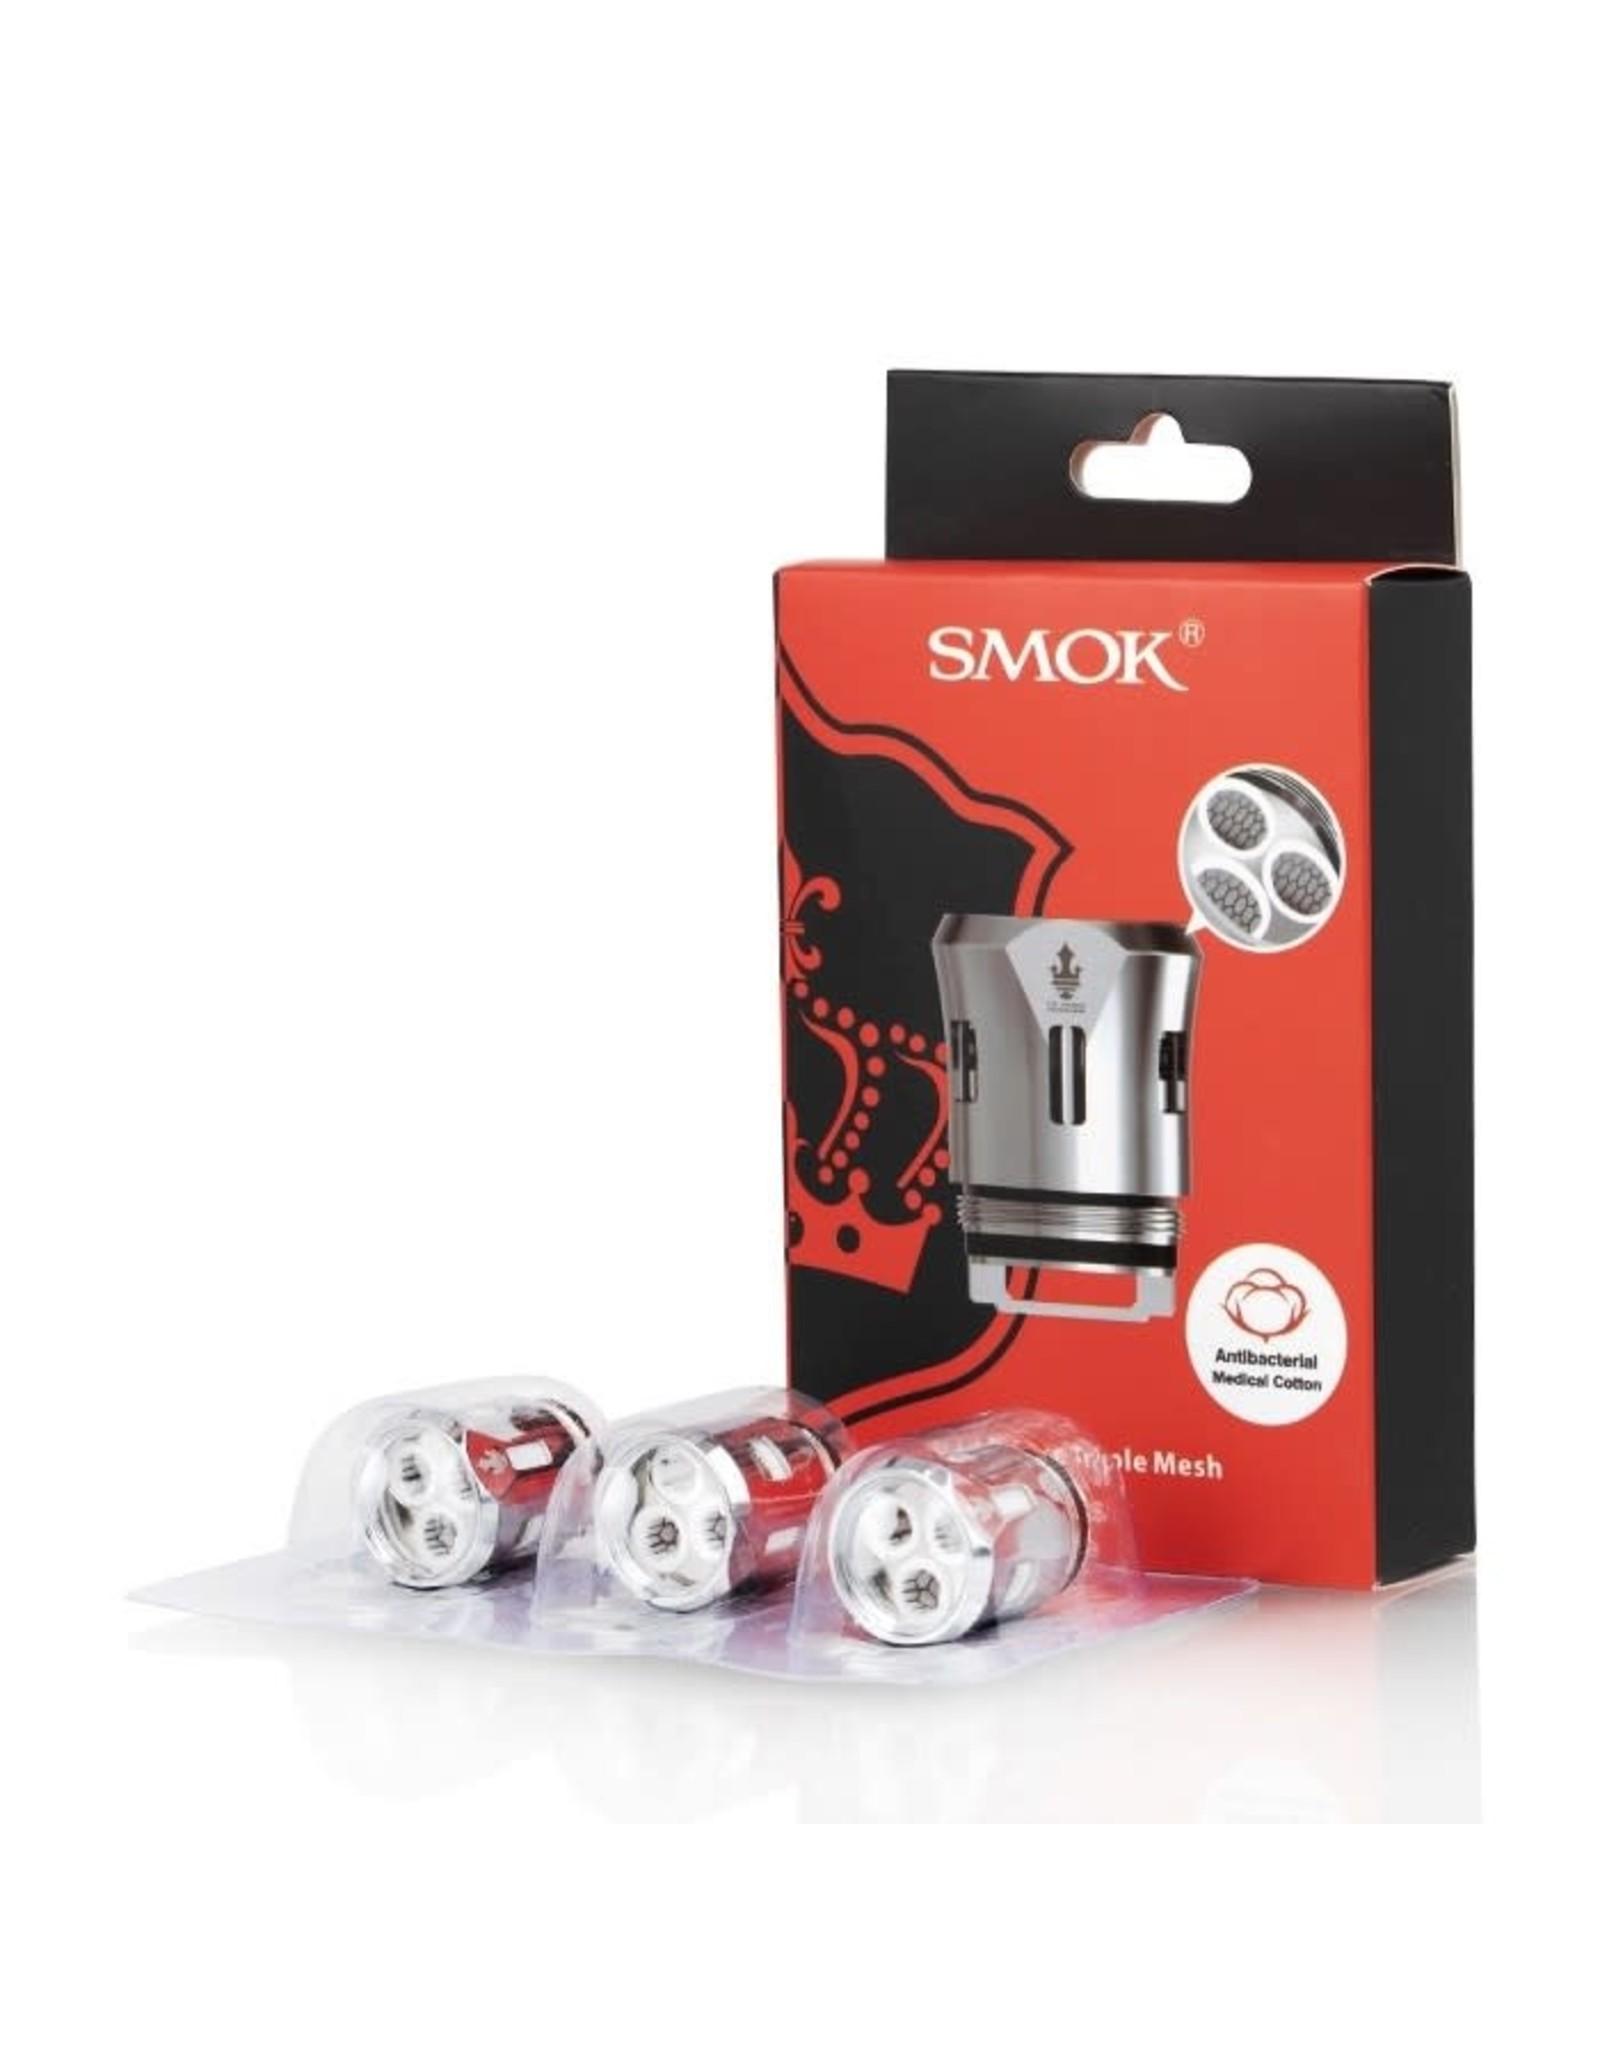 Smok Smok TFV12 Prince Replacement Coils (3/Pk)